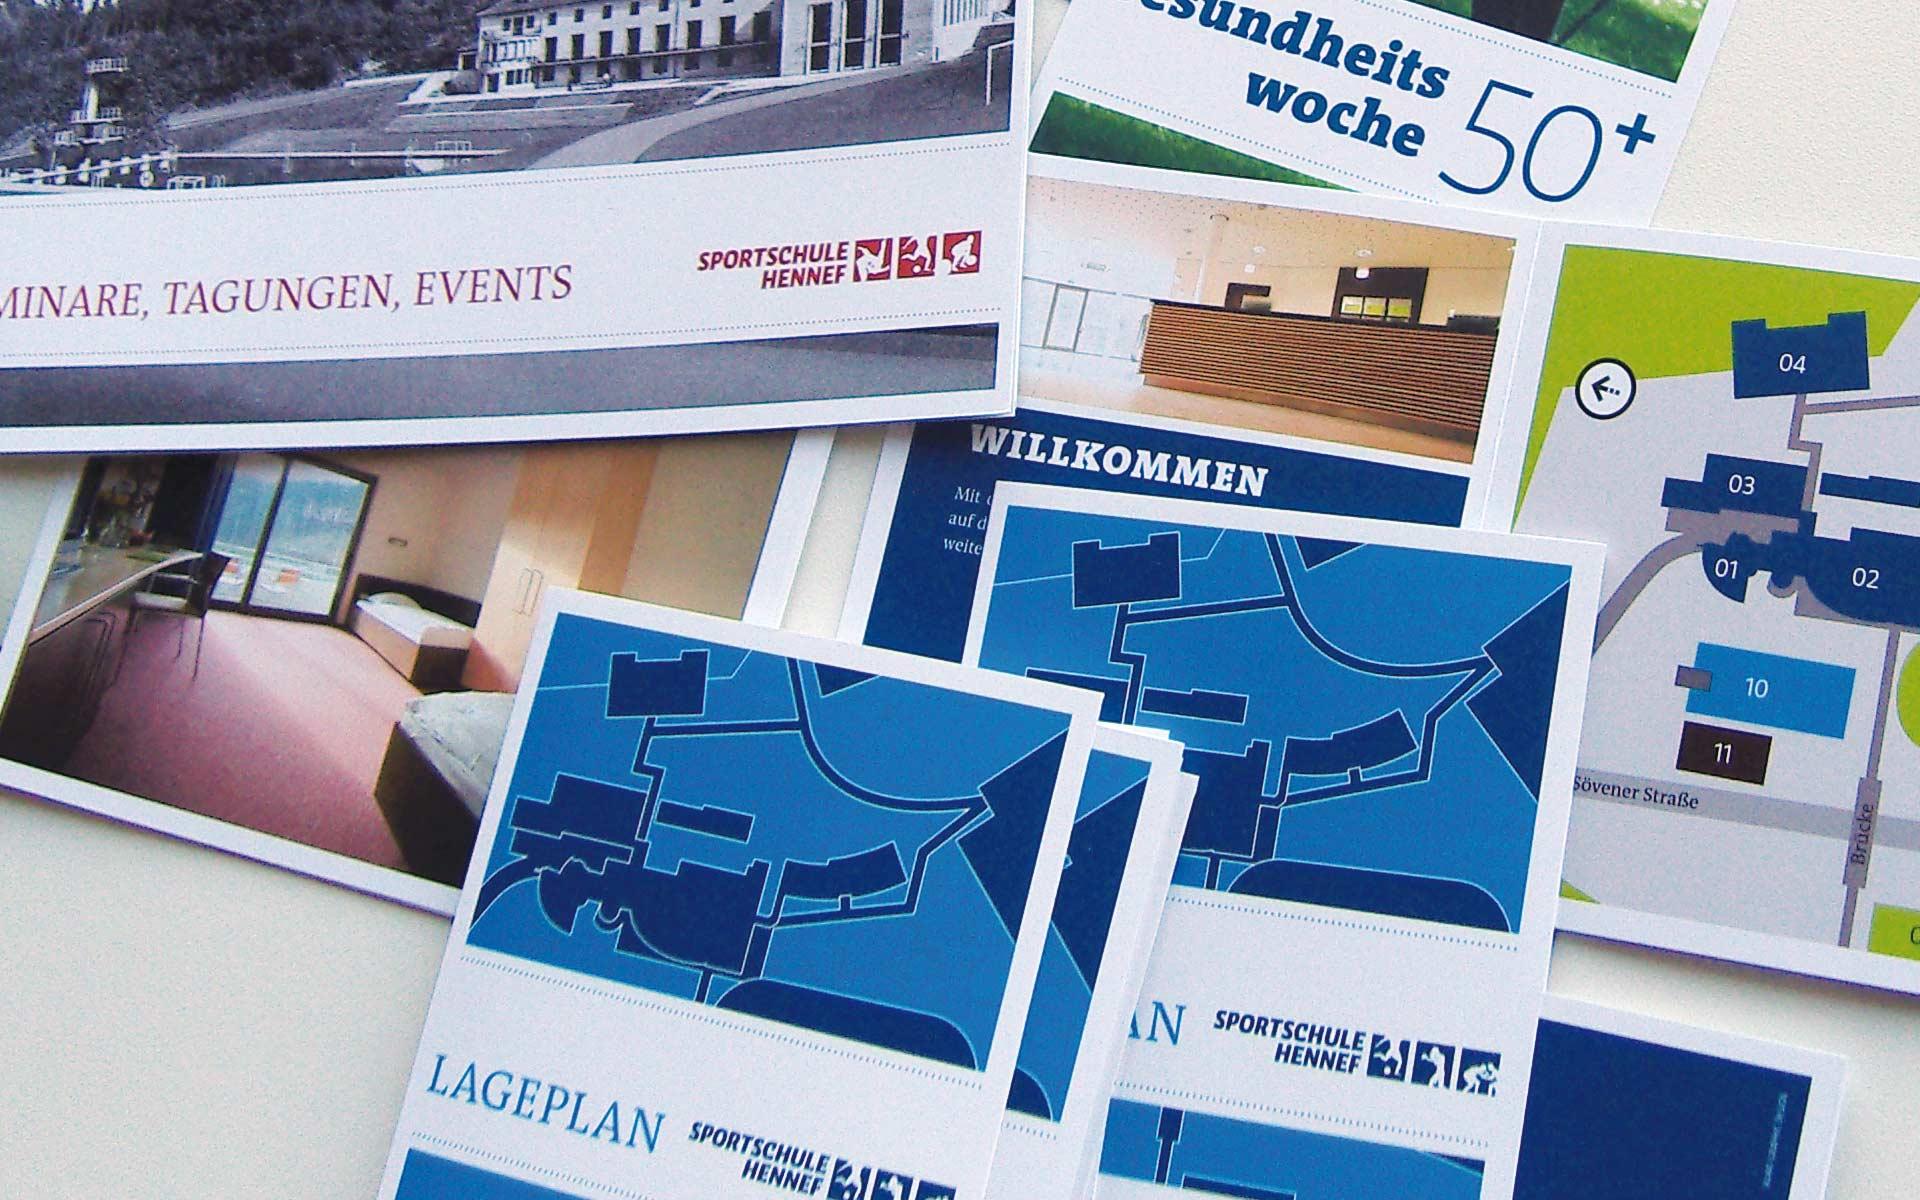 Sportschule Hennef Kommunikationsmittel, Corporate Communication, Lageplan und Broschüre